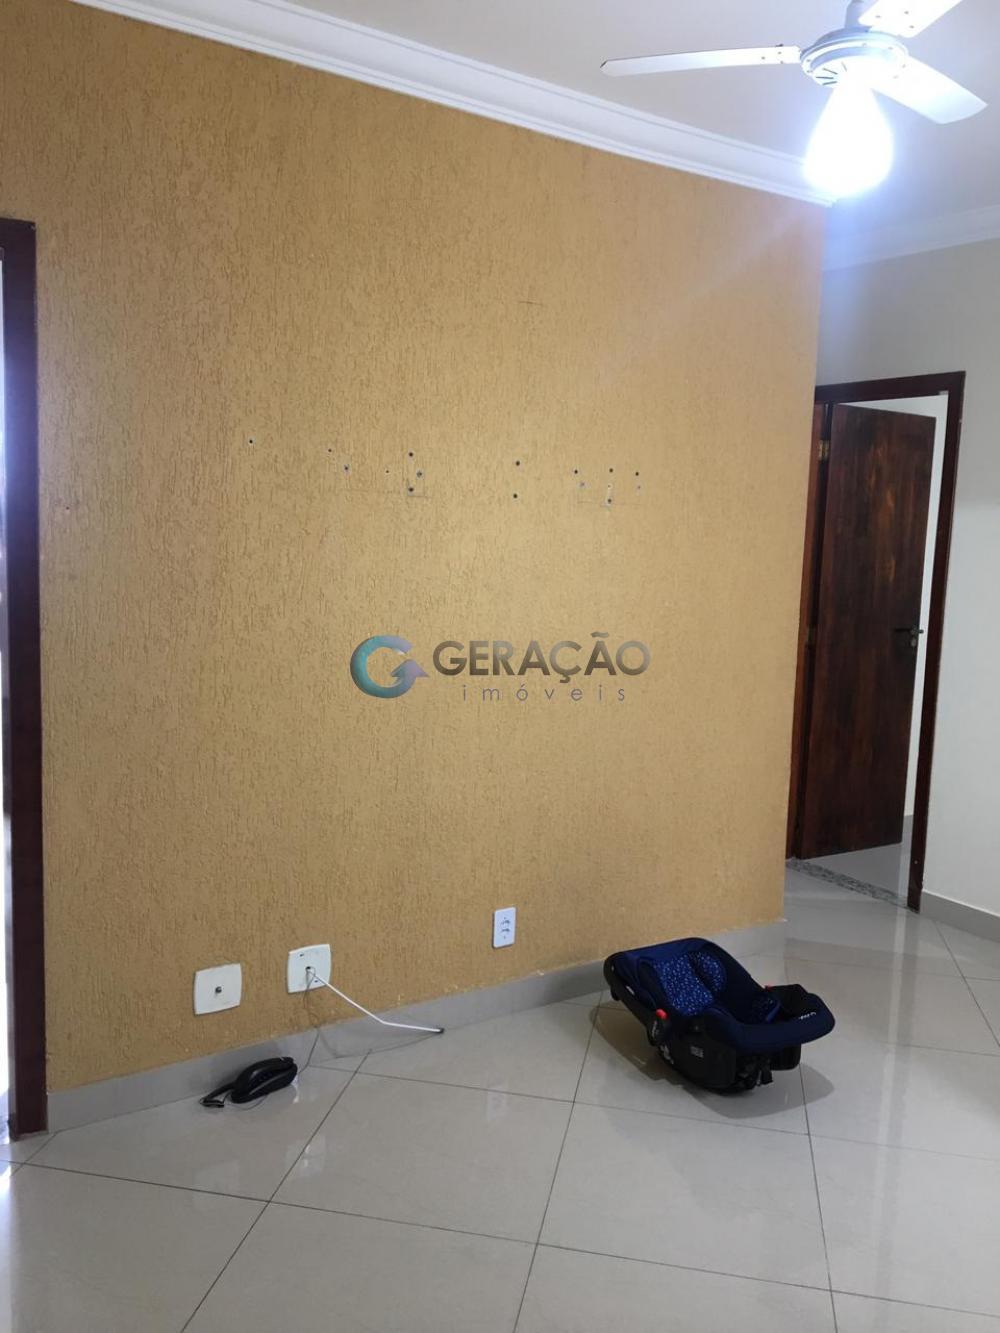 Comprar Apartamento / Padrão em São José dos Campos R$ 176.000,00 - Foto 2